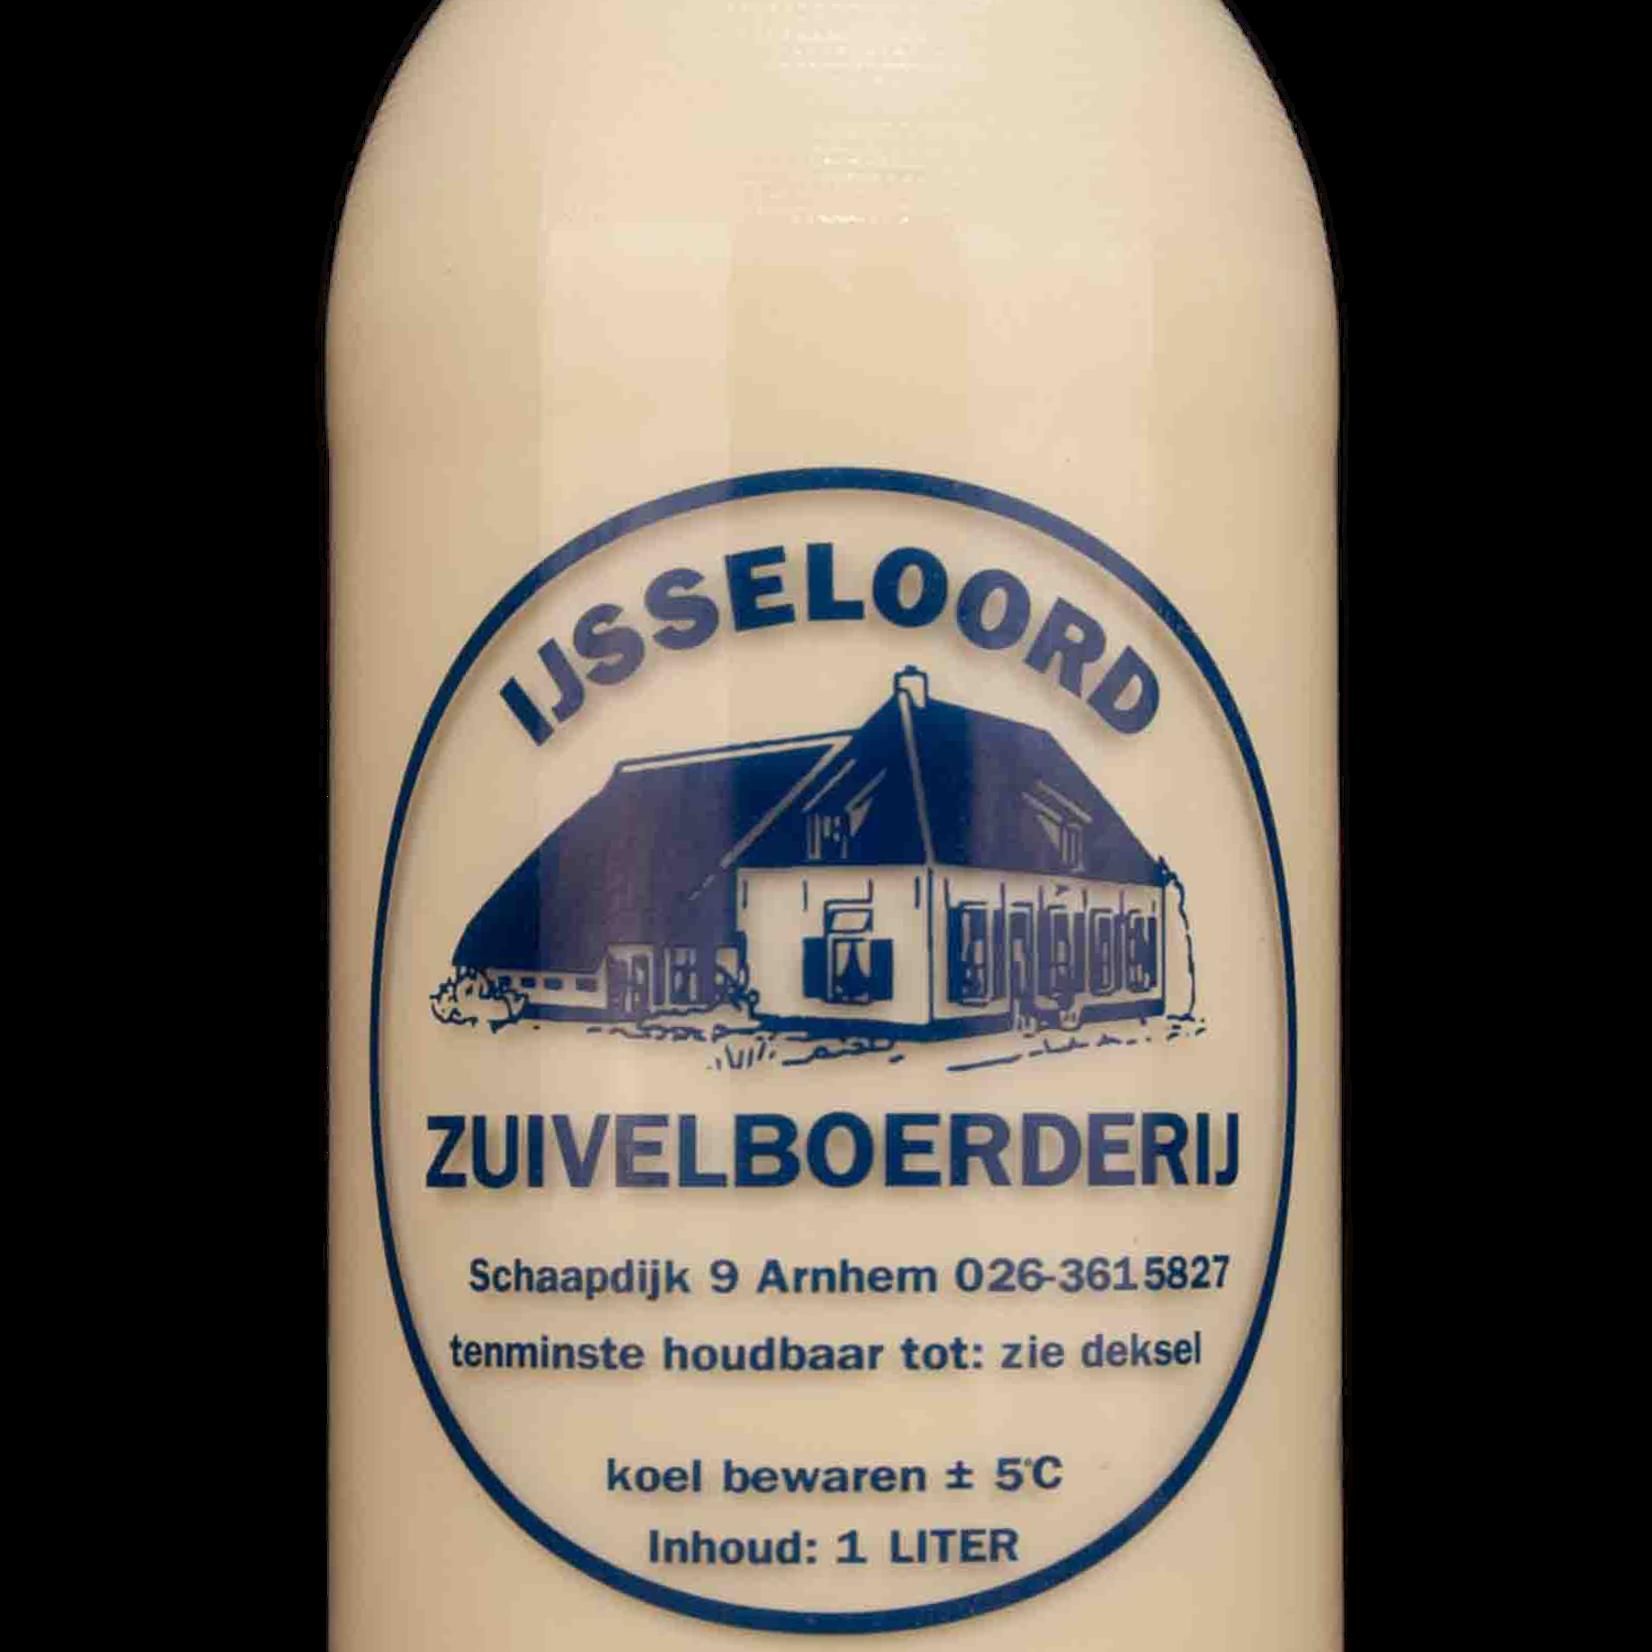 Vanille vla (incl. statiegeld) (IJsseloord)